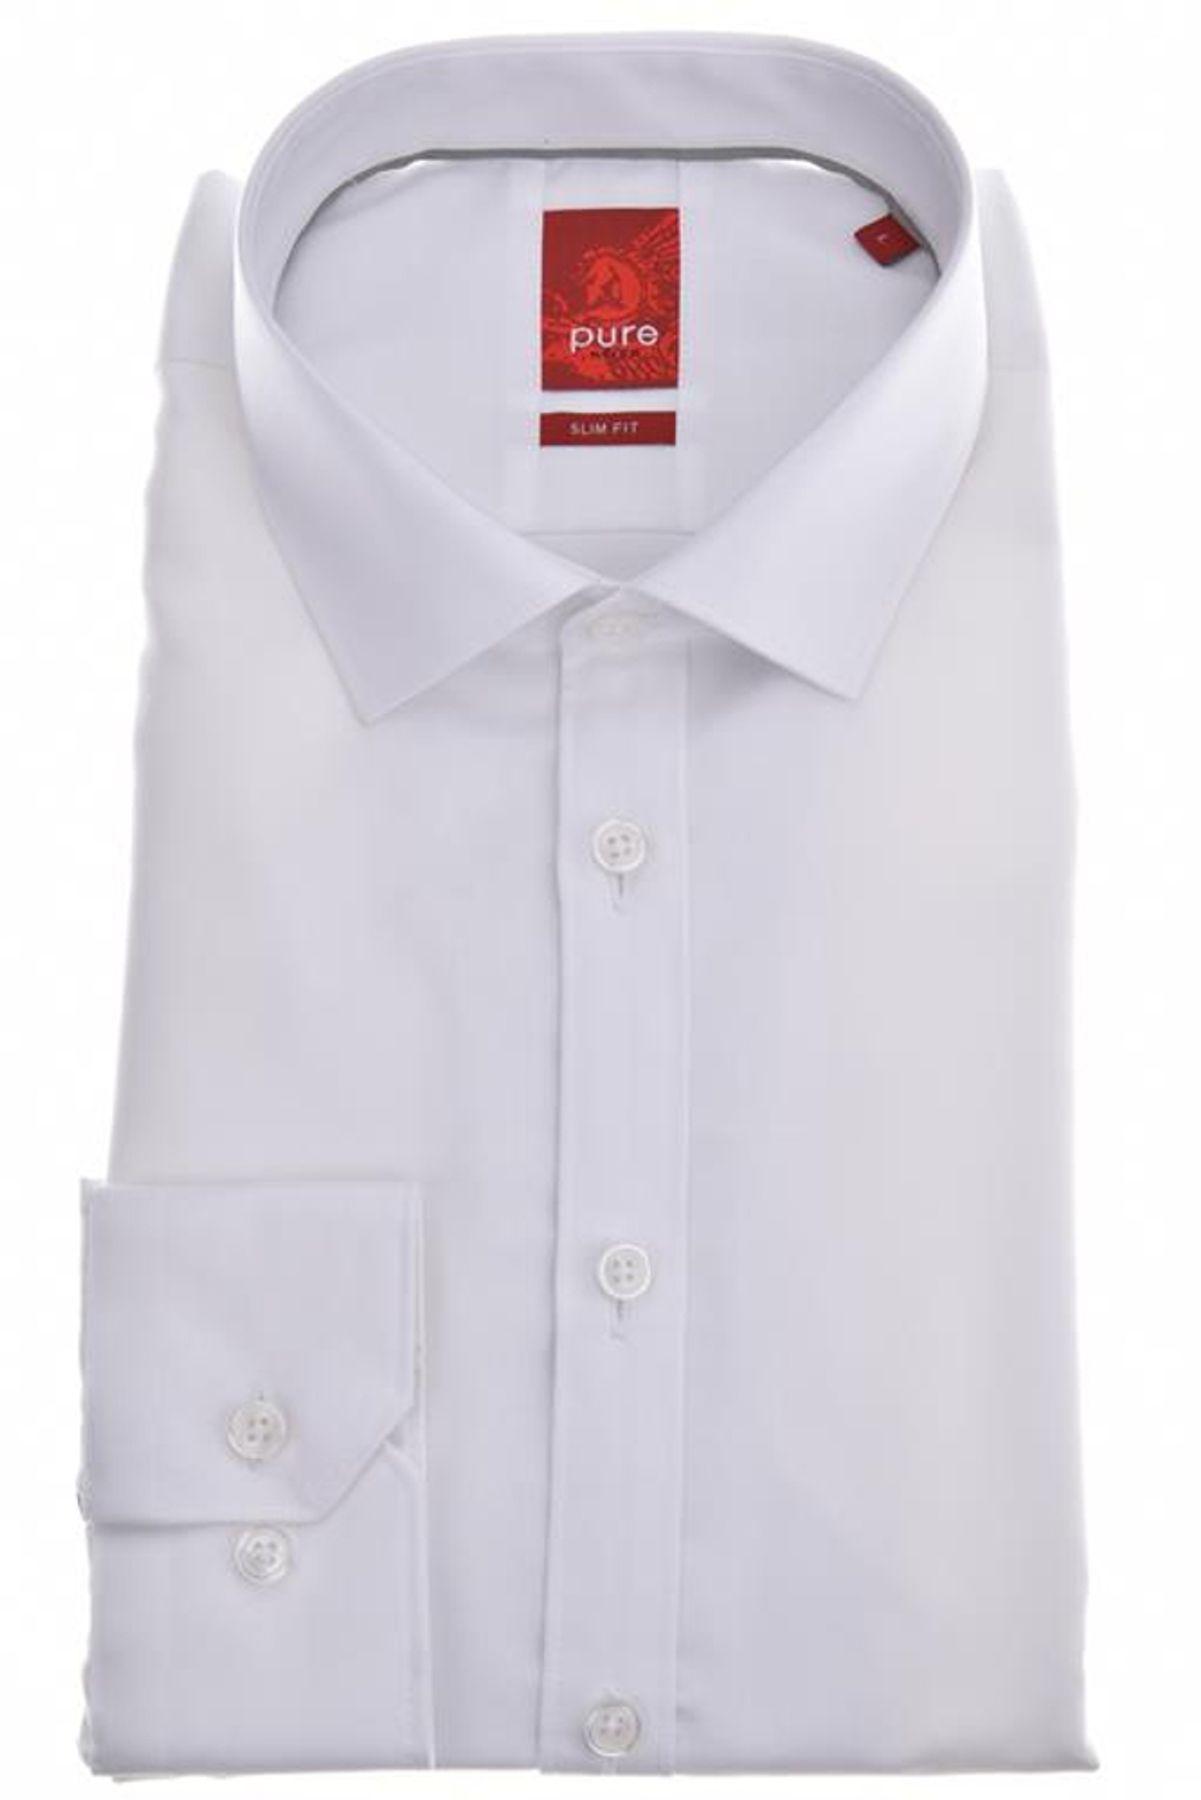 Pure - Slim Fit - Herren Langarm Hemd, verschiedene Farben, XS-XXL (3376-128) – Bild 4